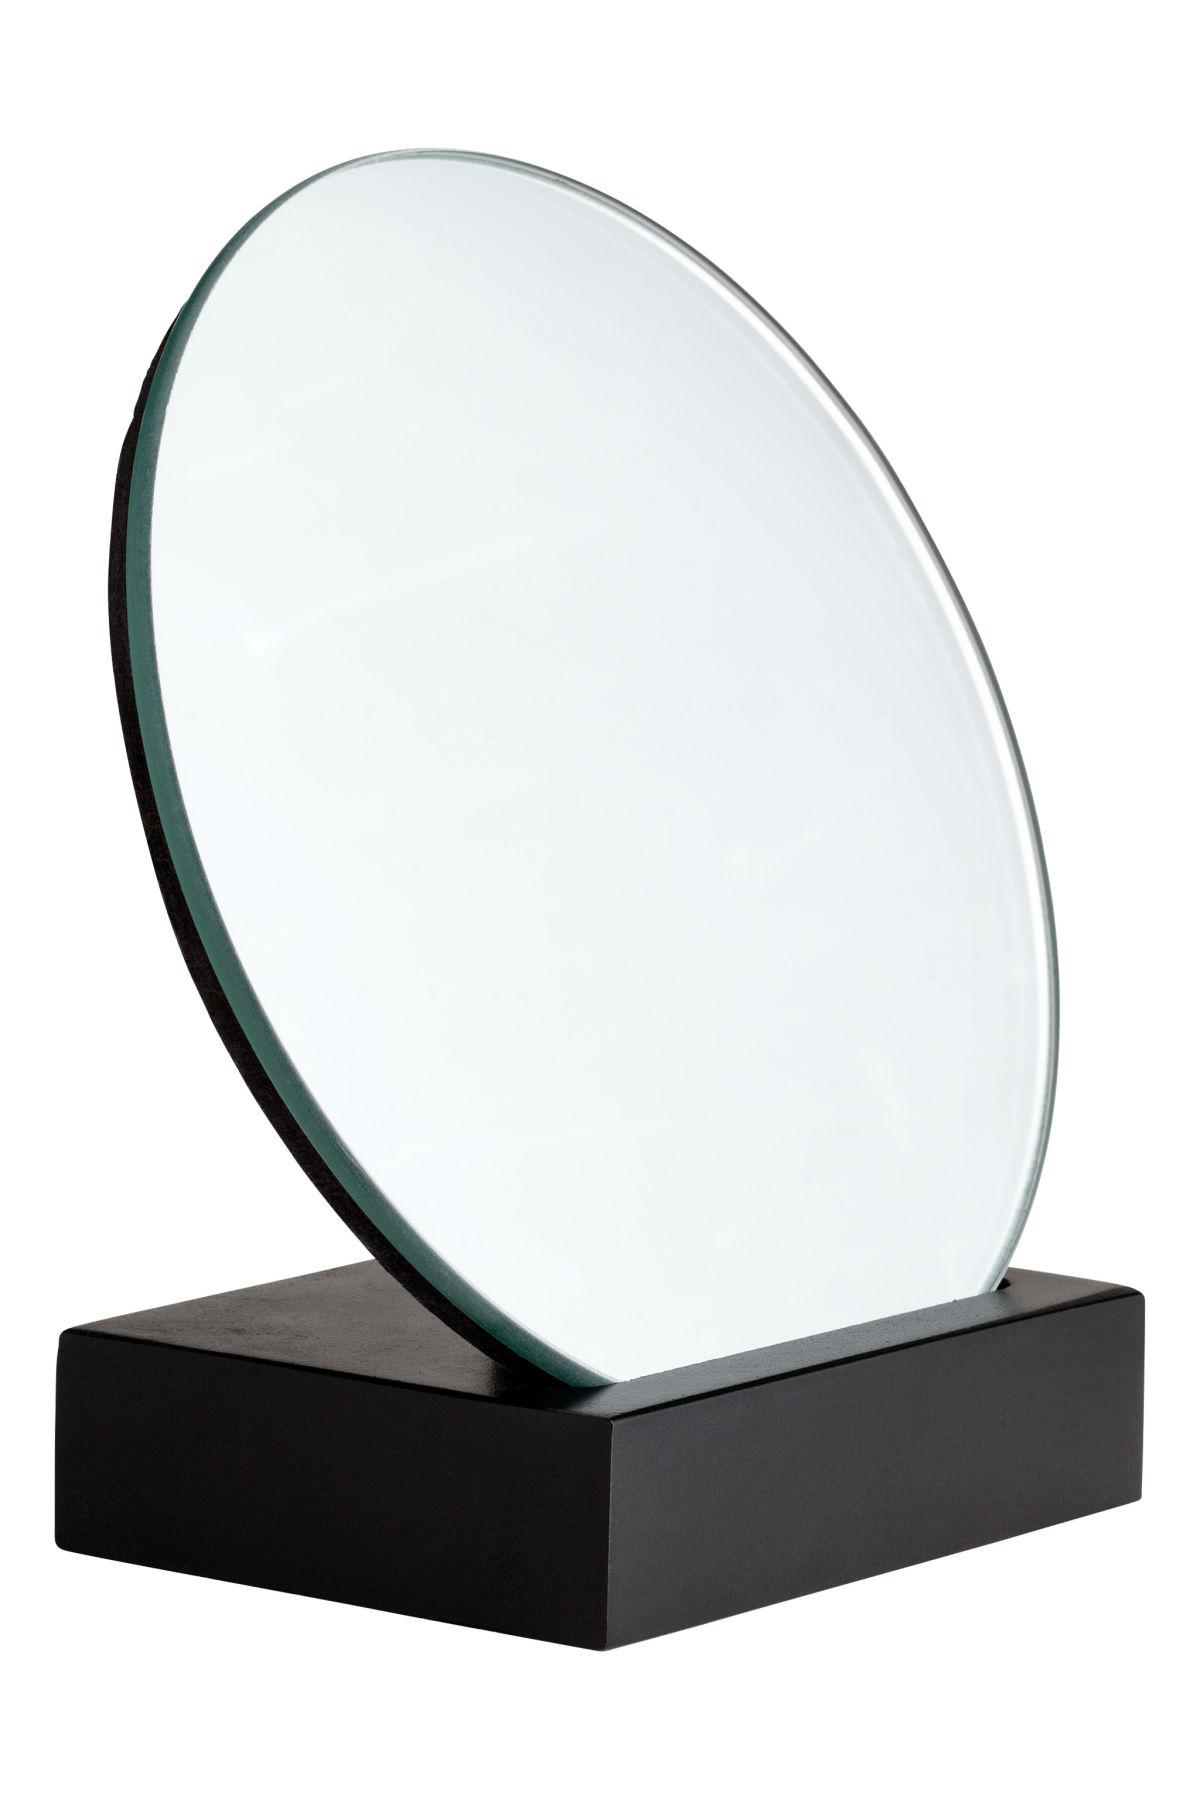 Runder Spiegel   Schwarz   H&M HOME   H&M DE